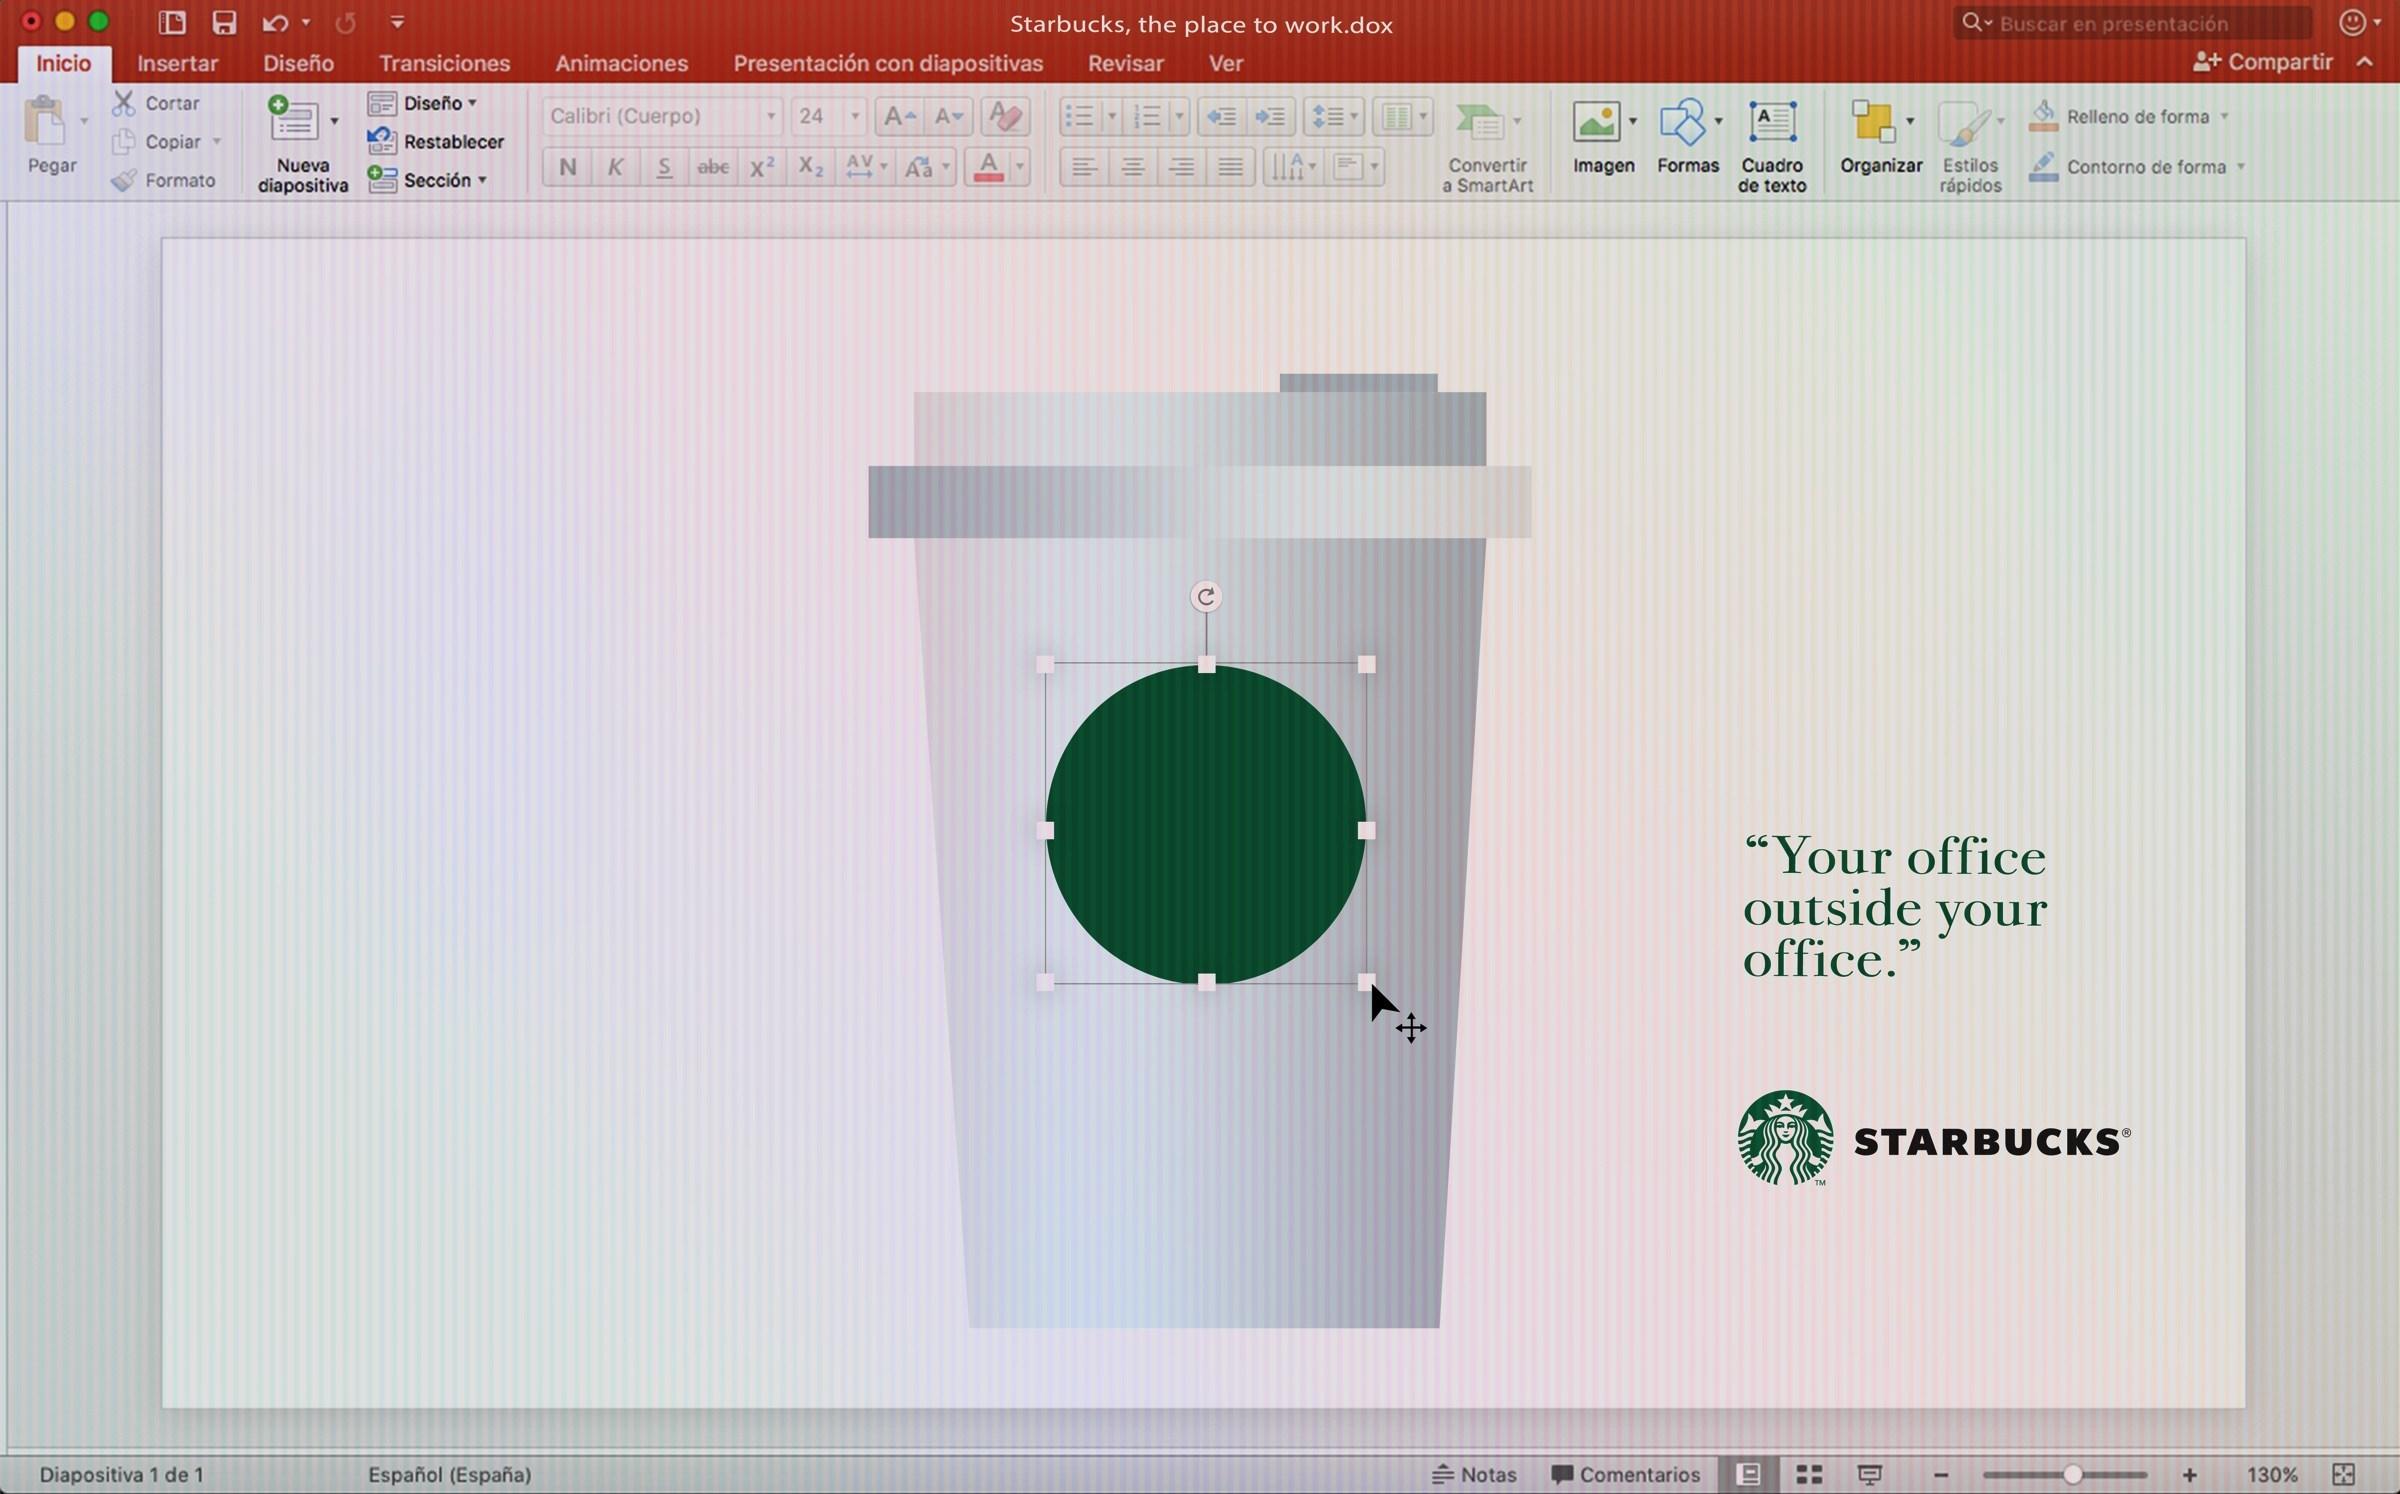 Campaña de Starbucks